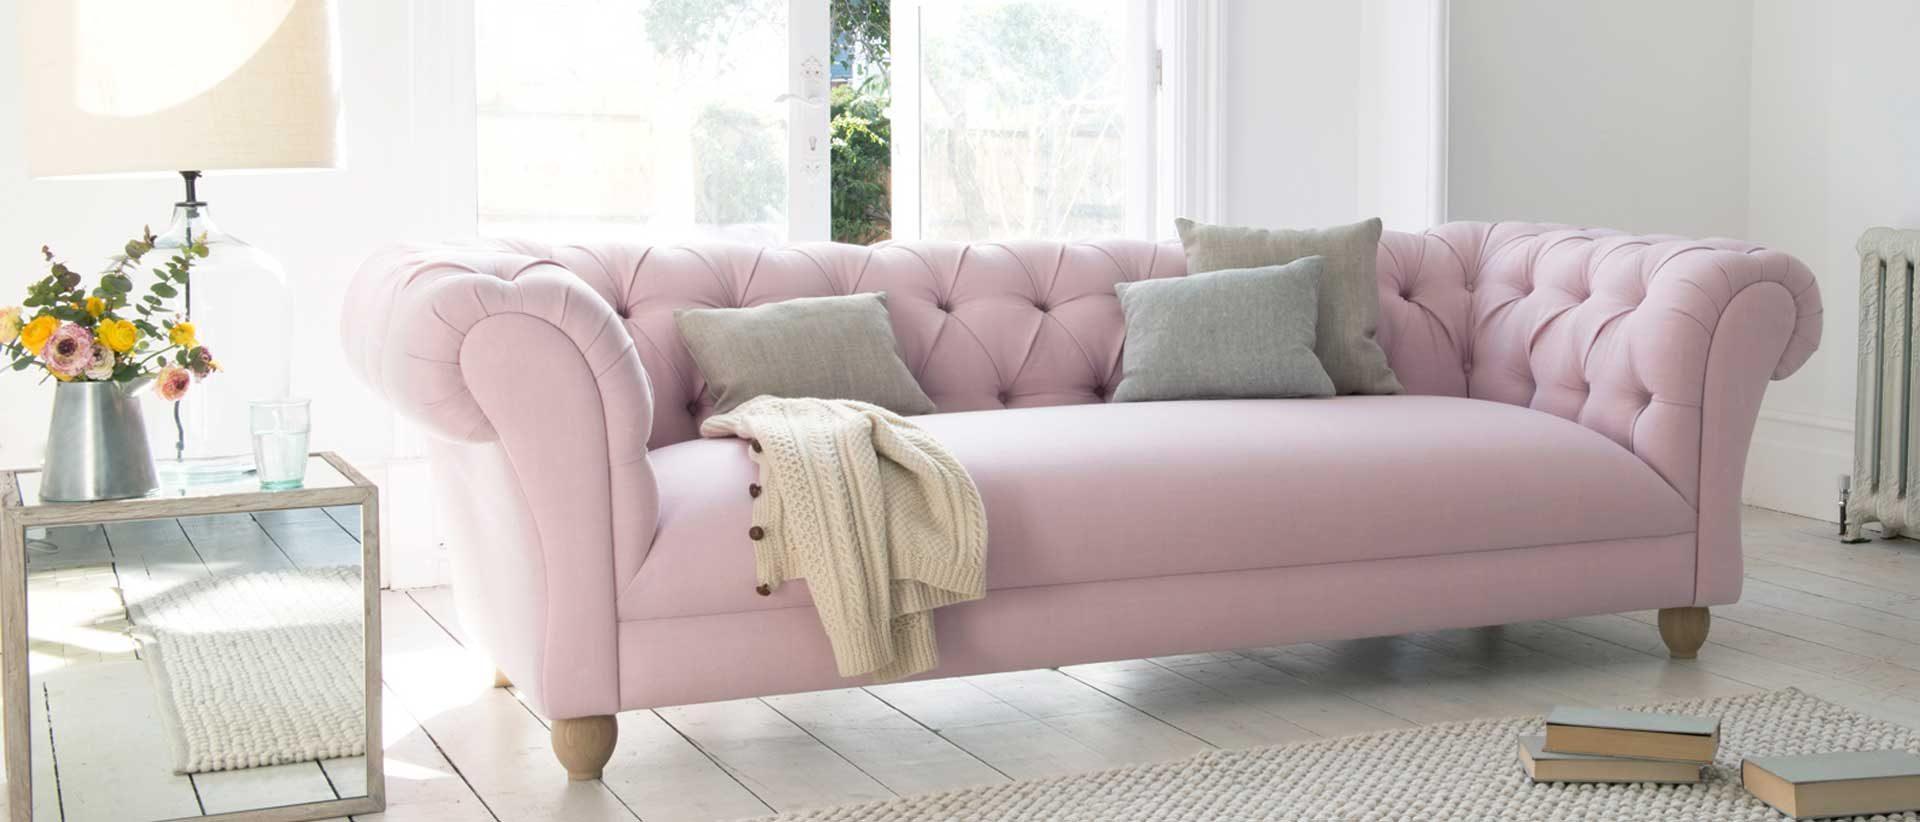 Take Apart Furniture